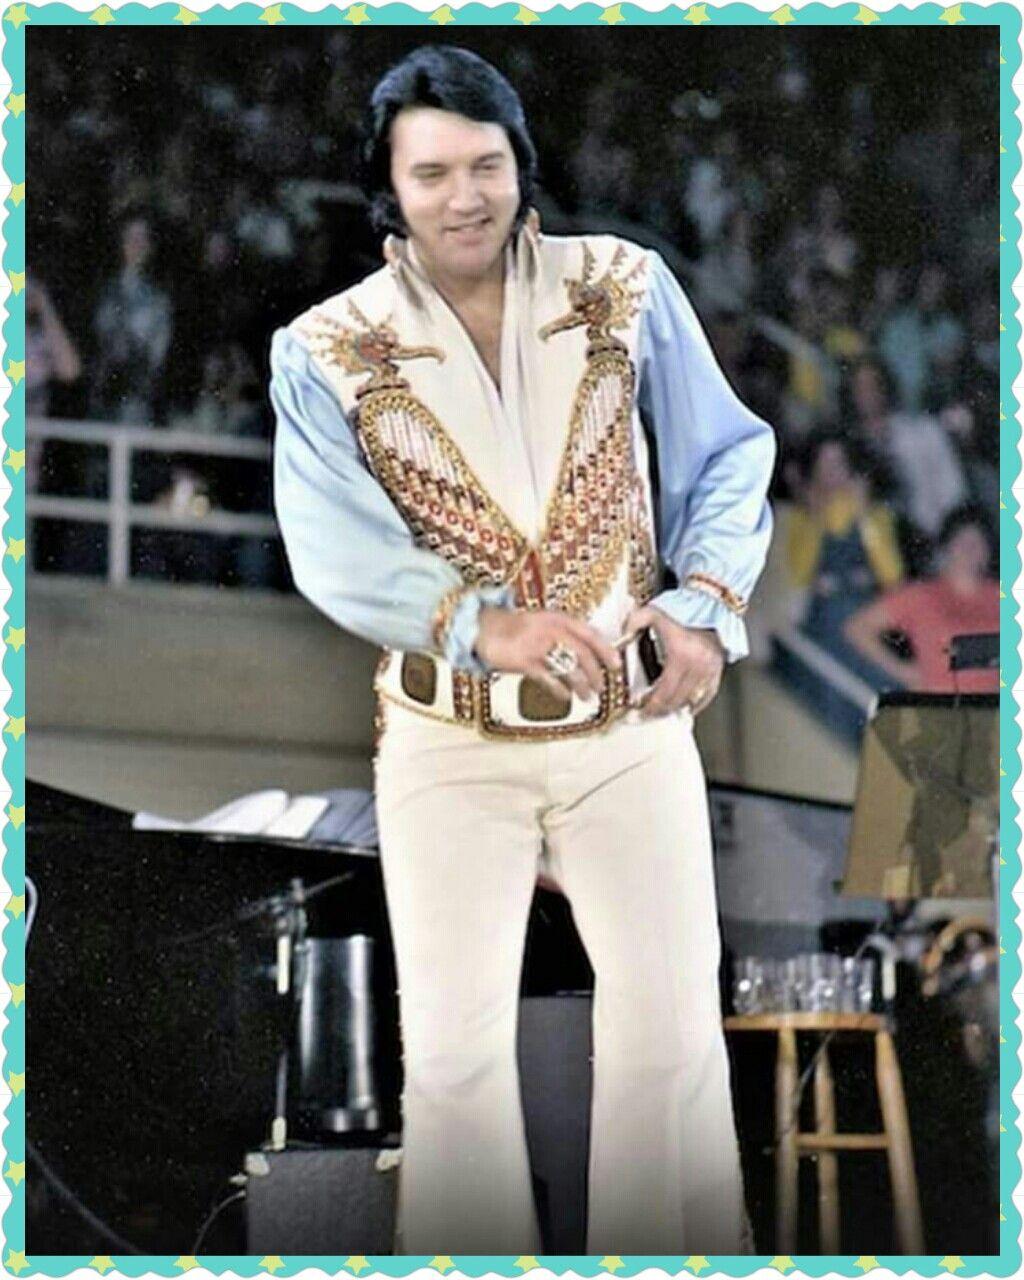 Pin do(a) Anabela Gomes em Elvis Presley de 2019 9380568f4a